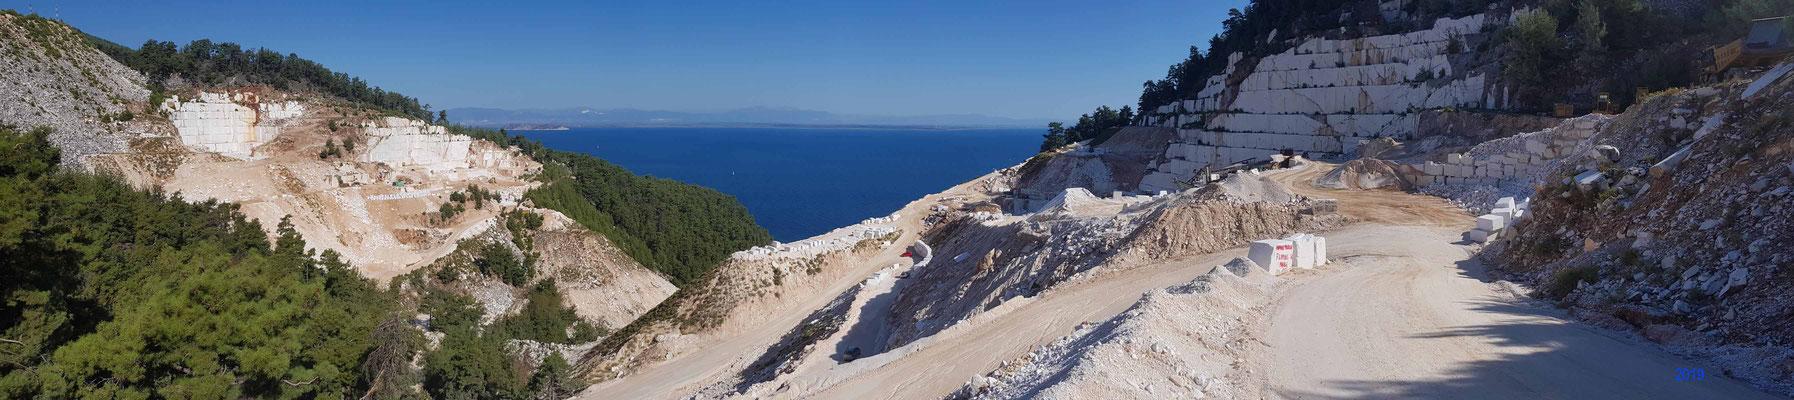 Steinbruch oberhalb von Porto Vathy Beach - Πόρτο Βαθύ